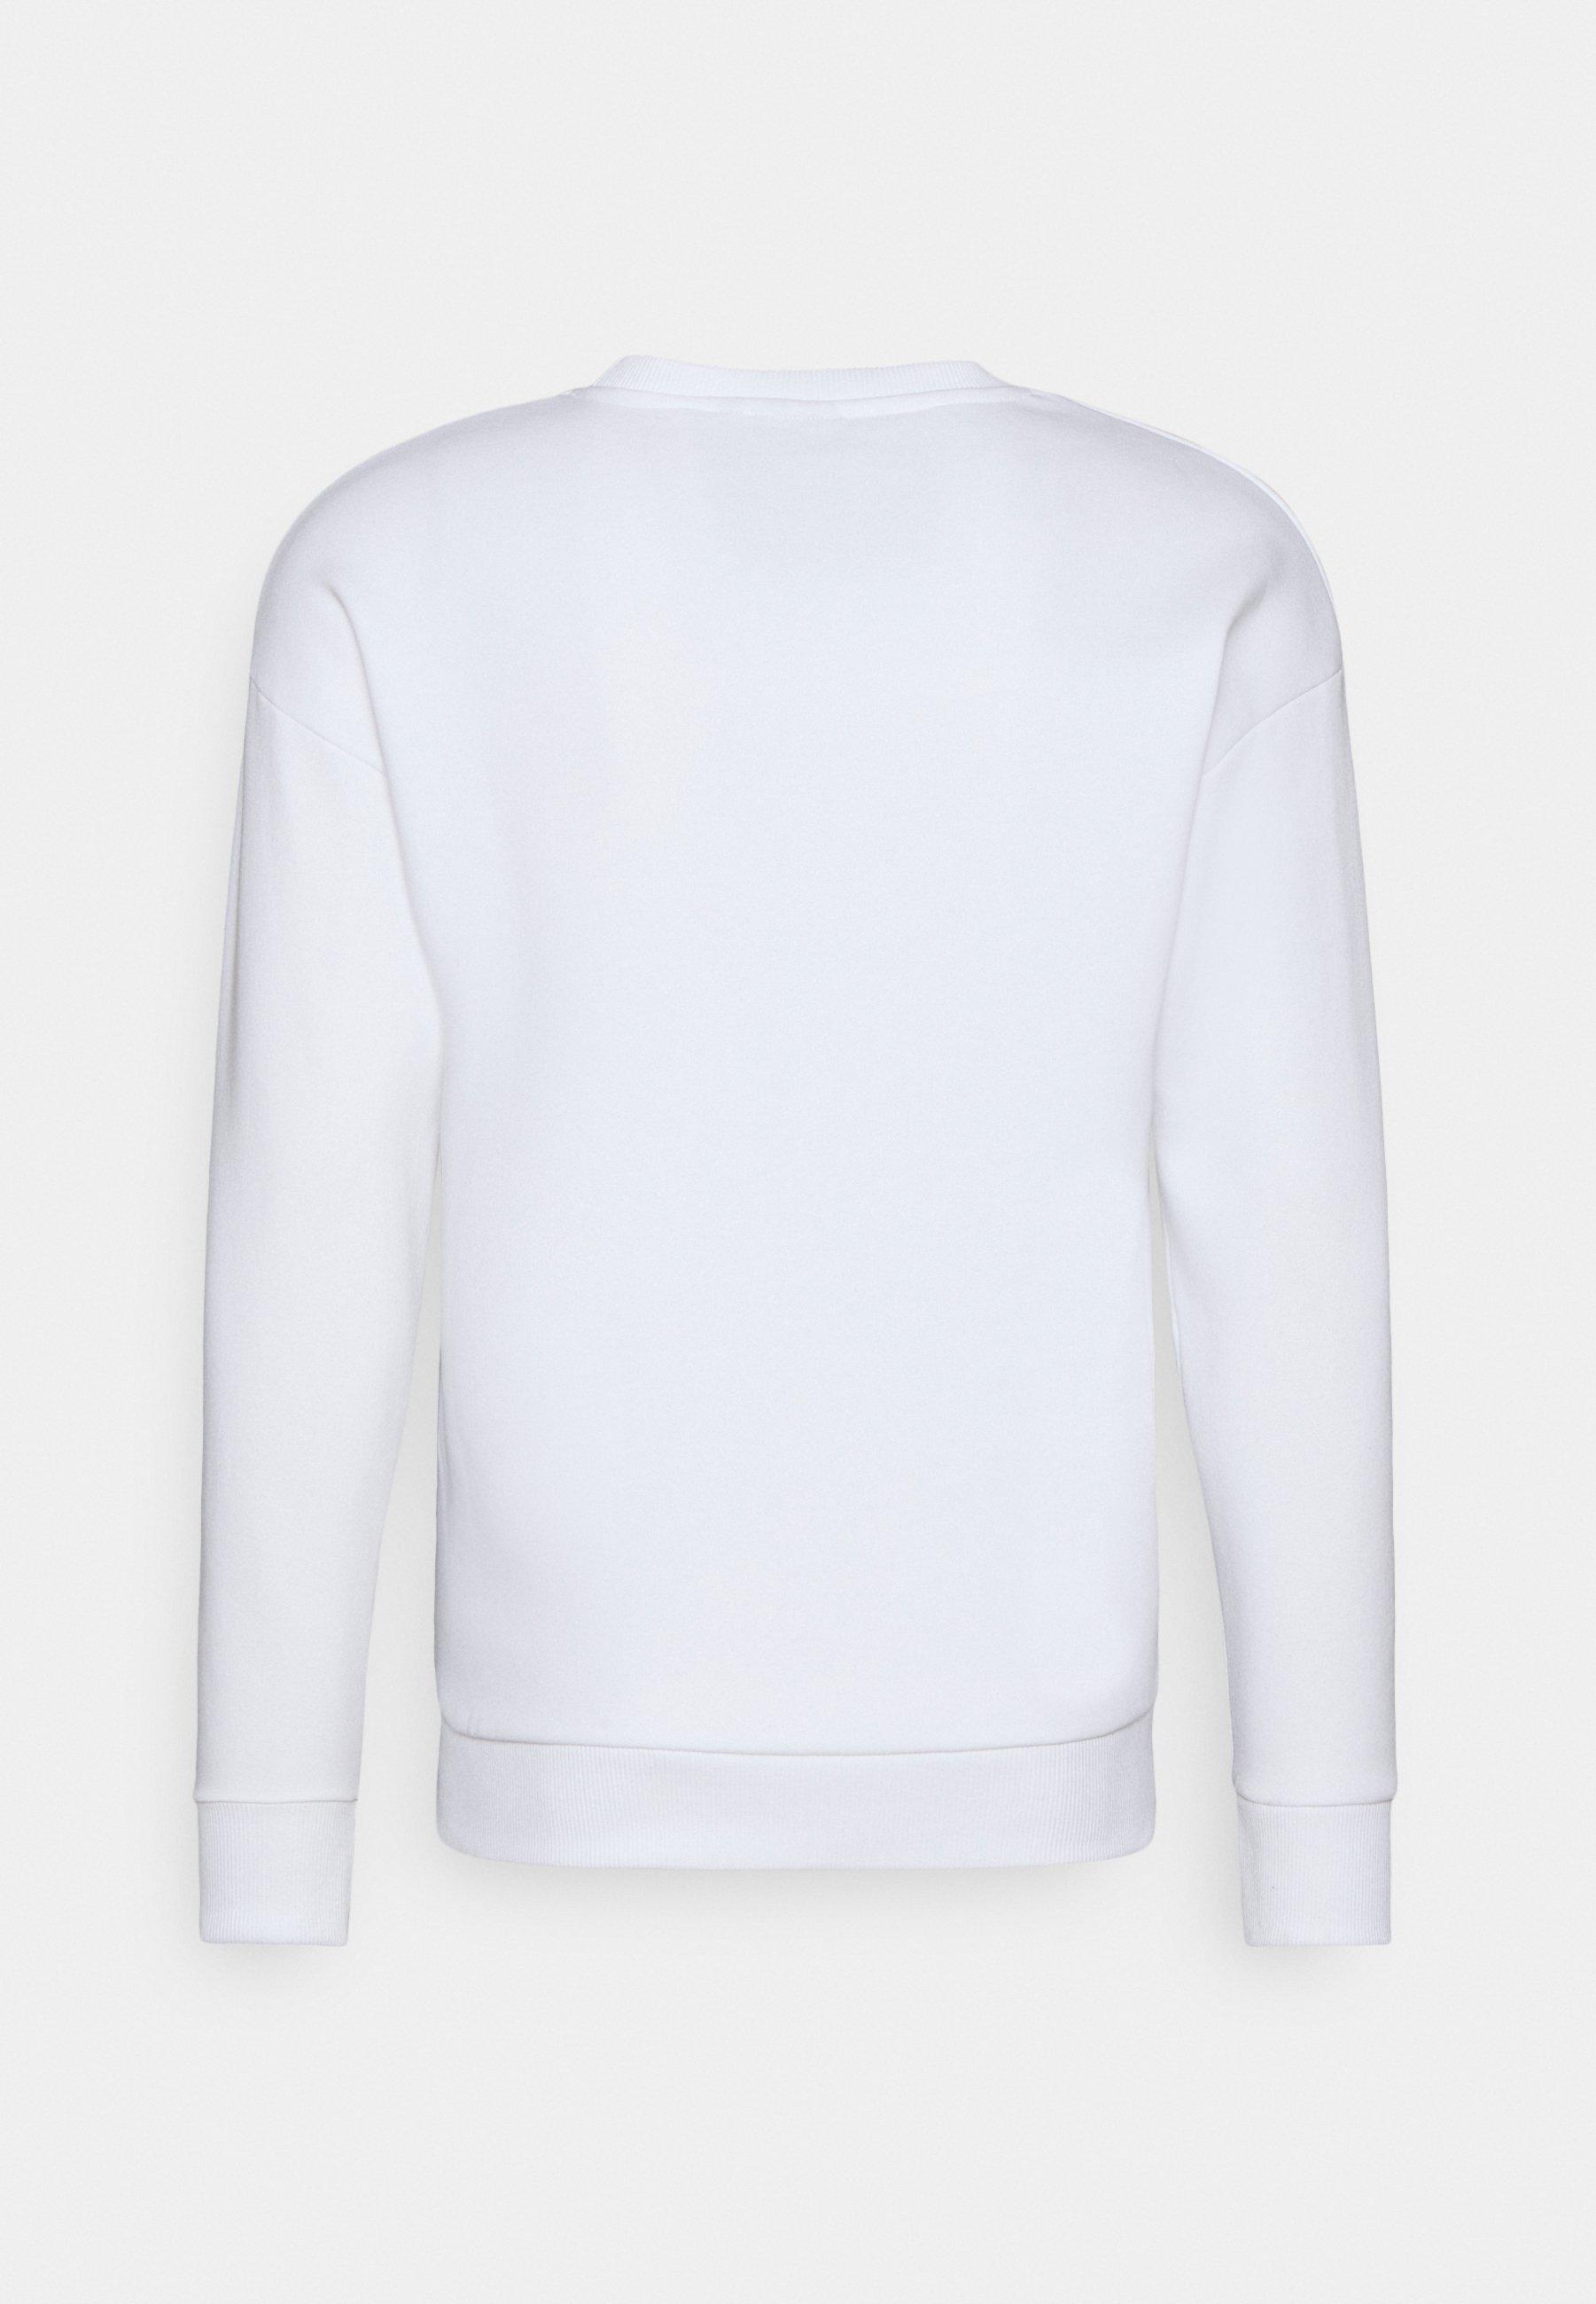 274 Flame - Bluza White